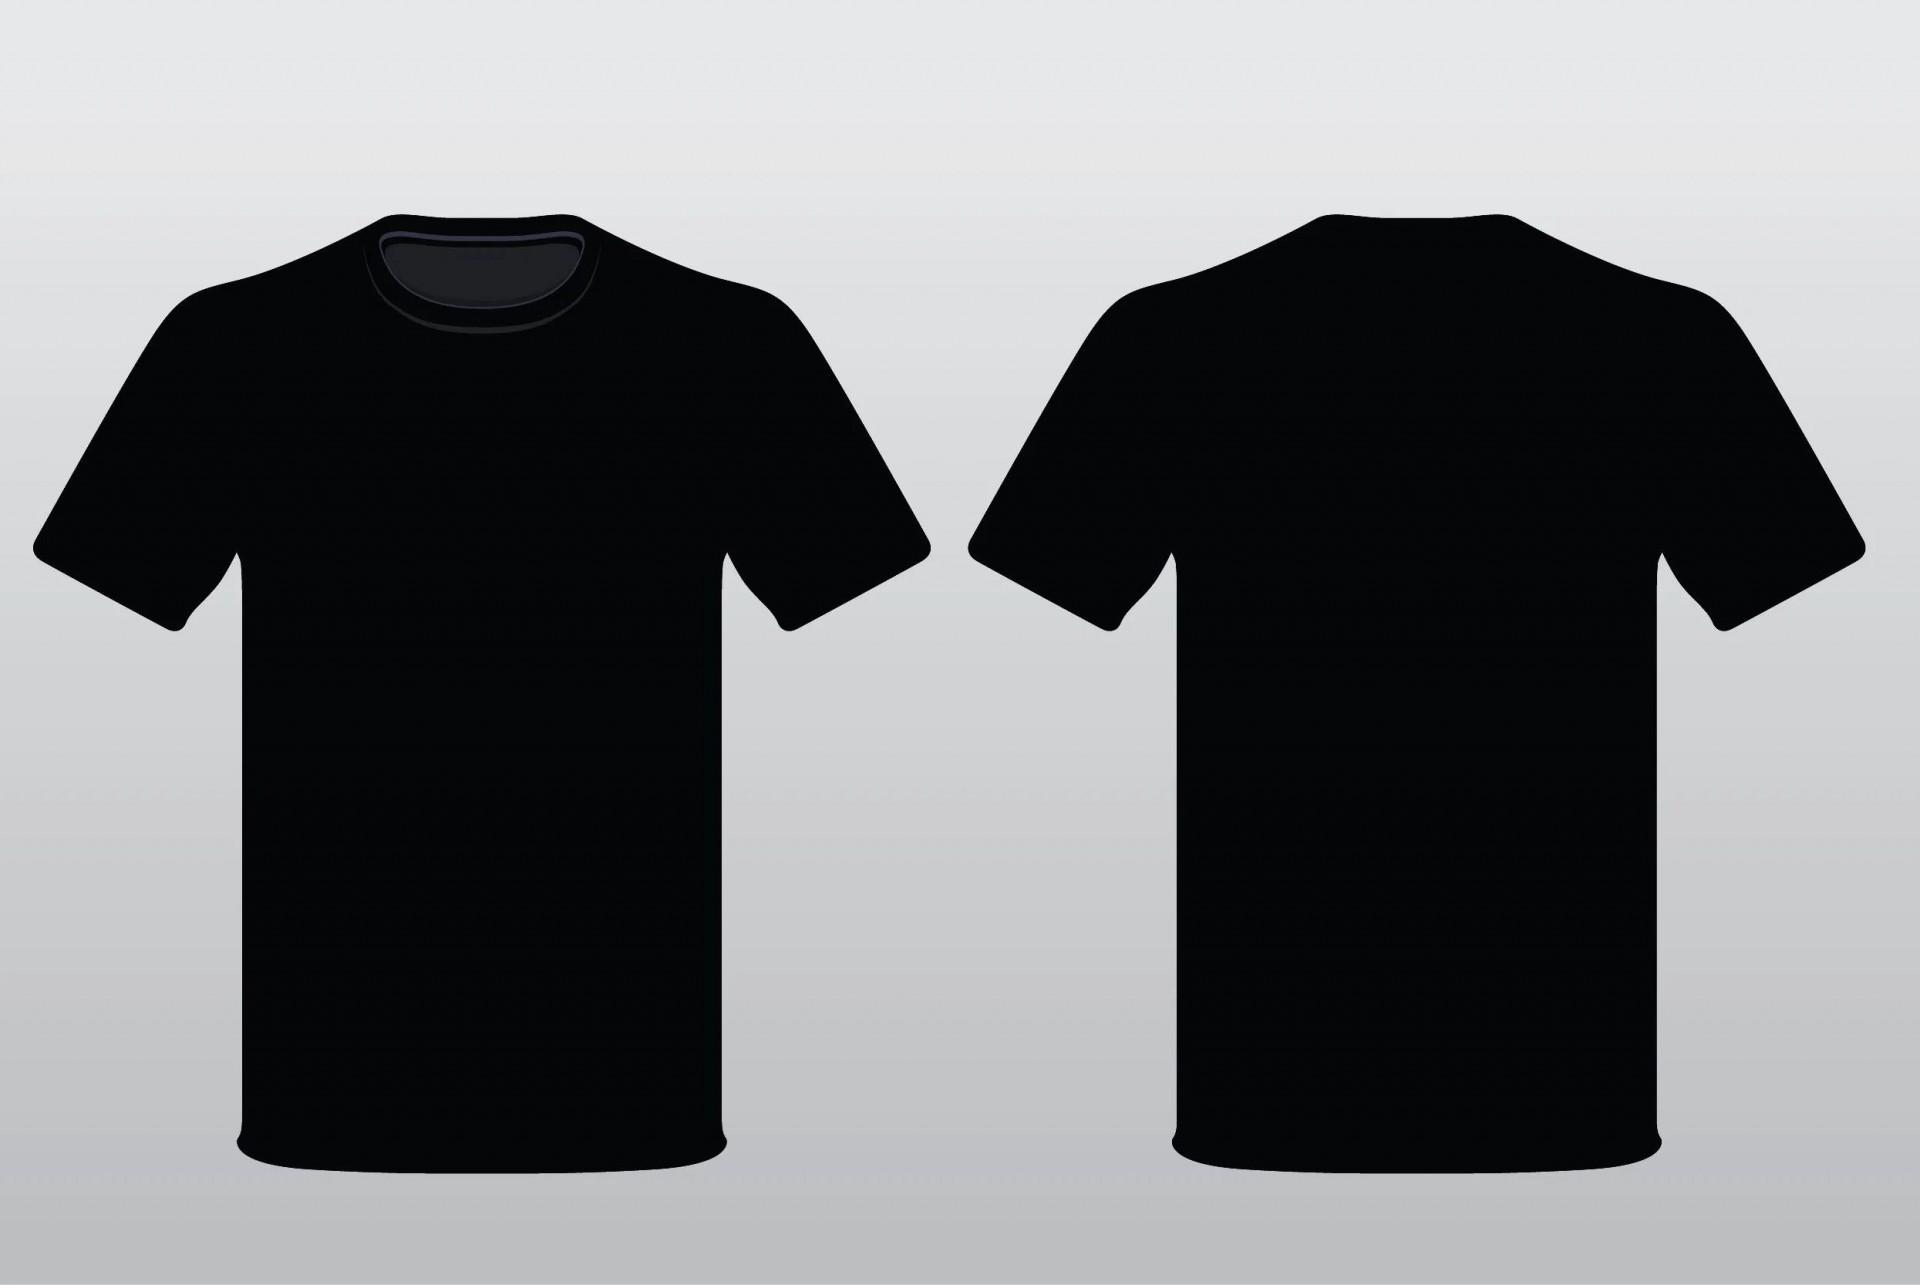 005 Sensational T Shirt Design Template Free High Definition  Psd Download1920